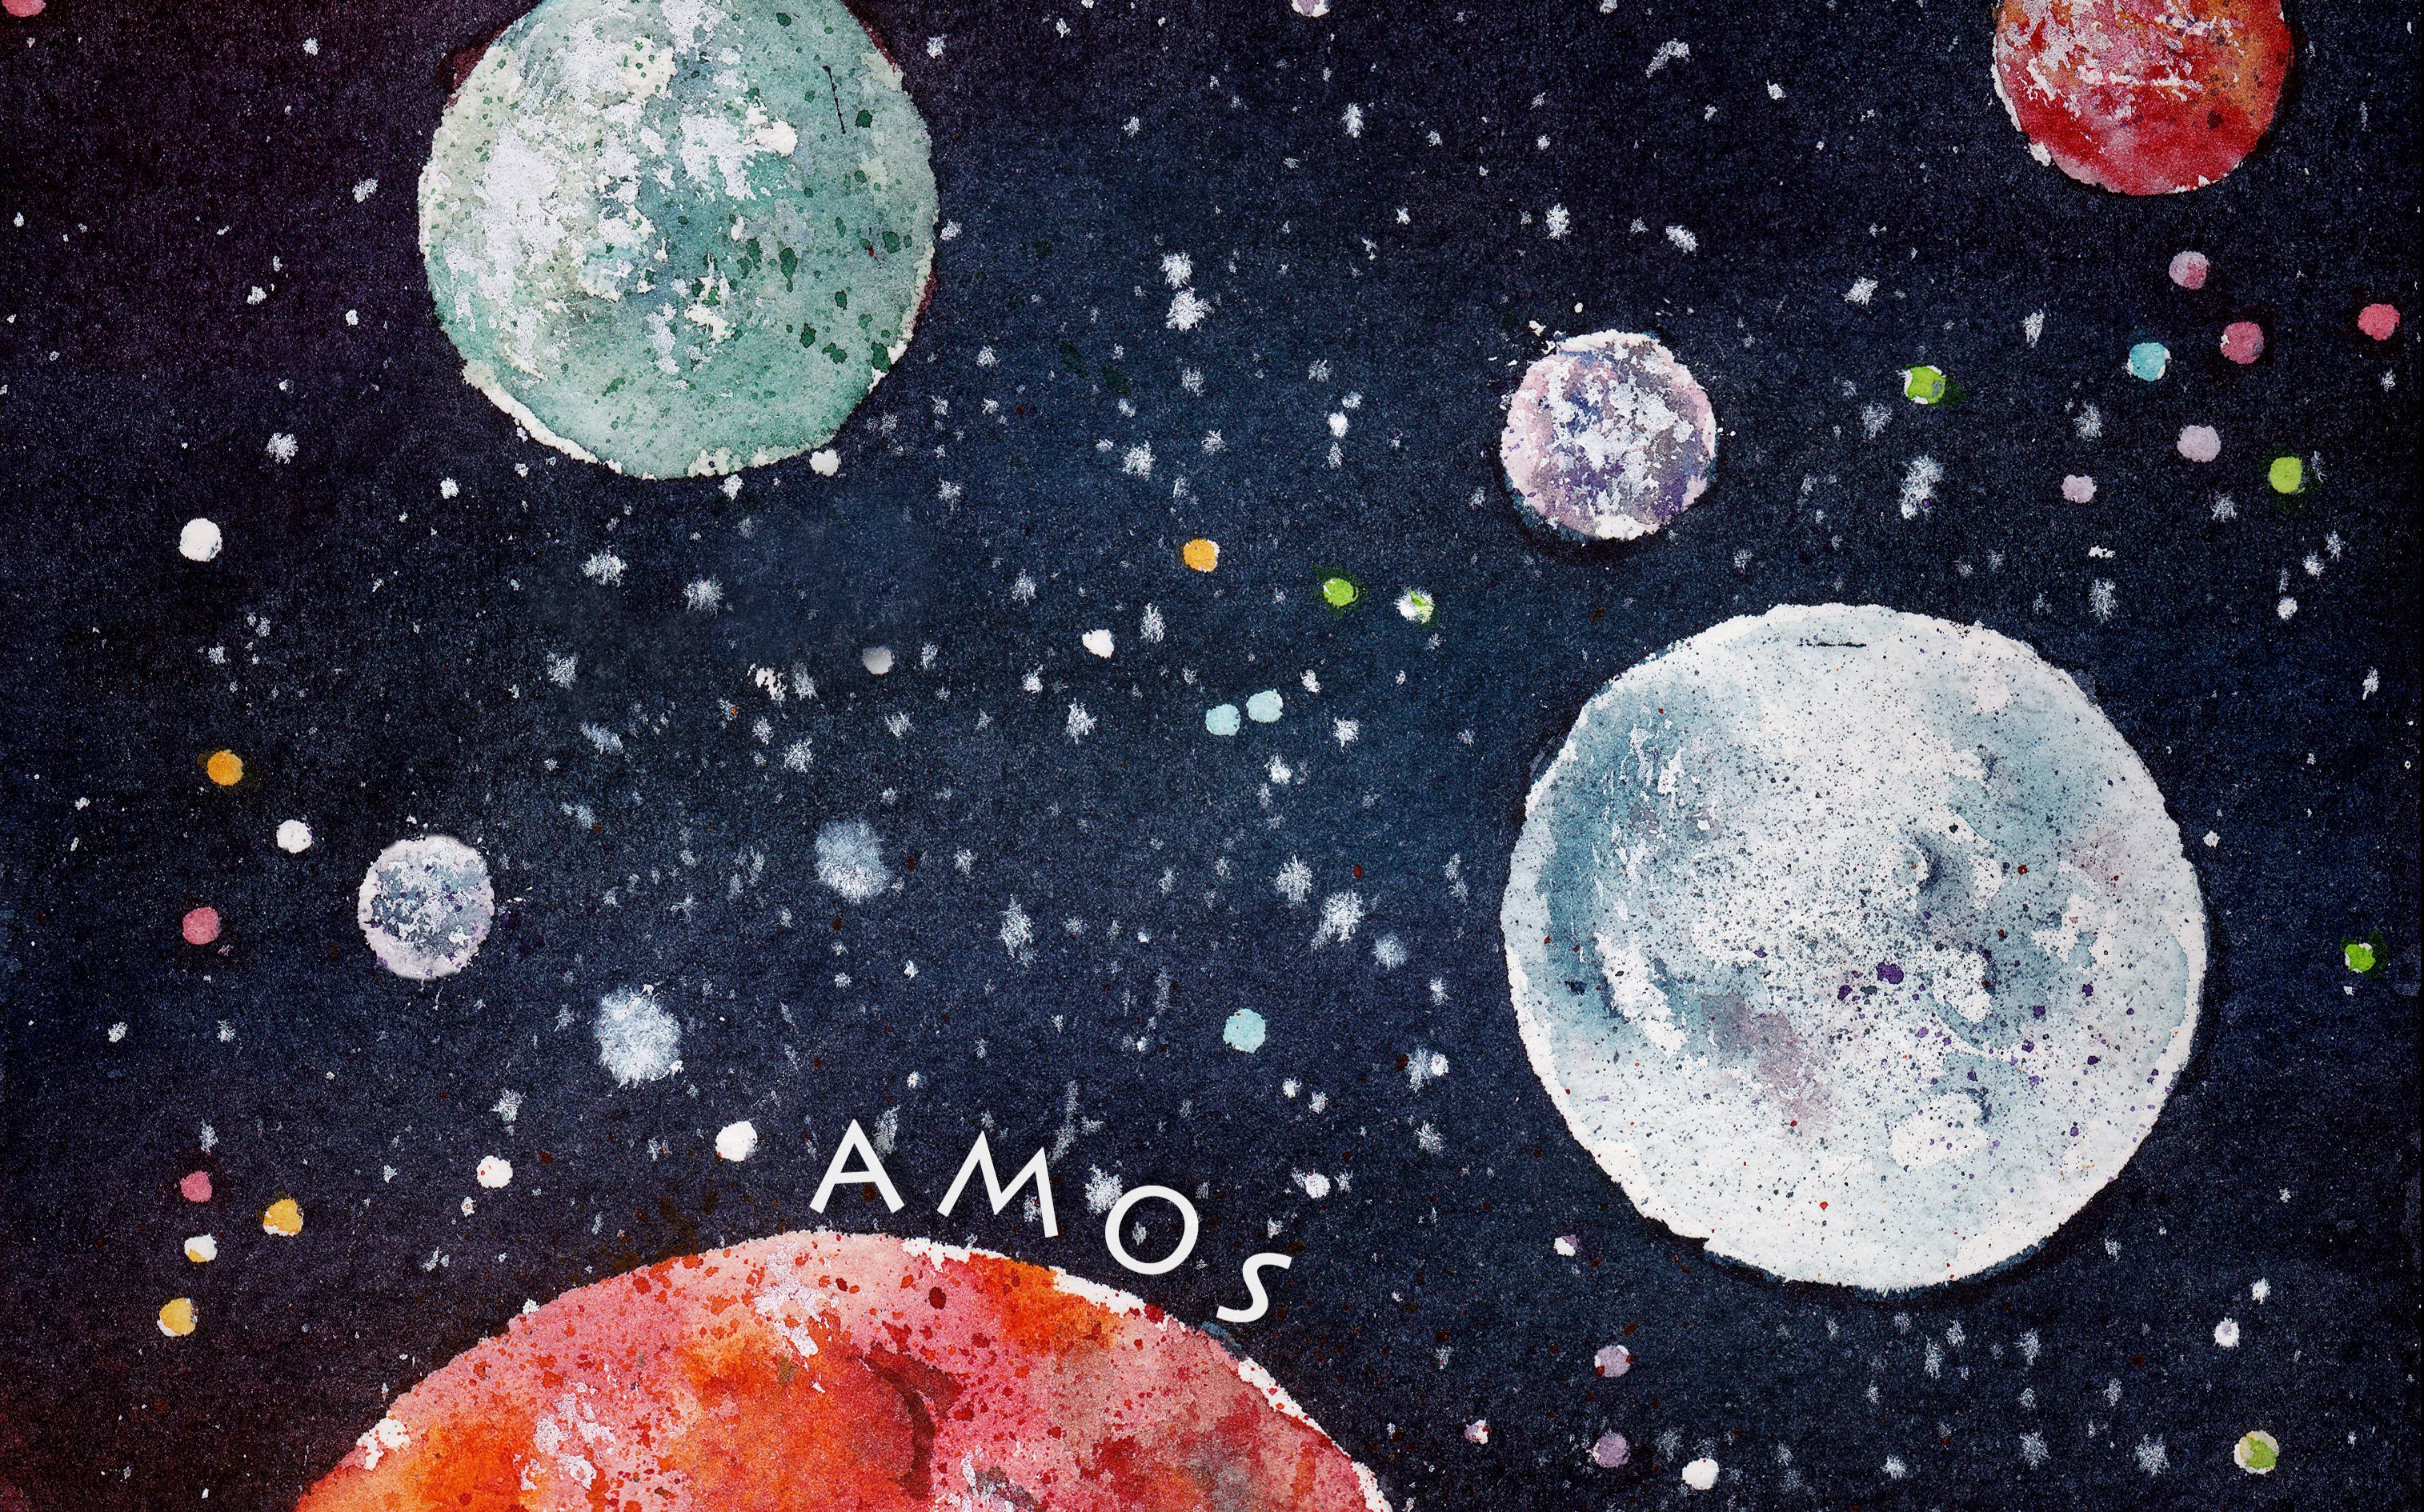 【水彩】手绘过程 ·星球【amos-t】16.10.05_绘画图片